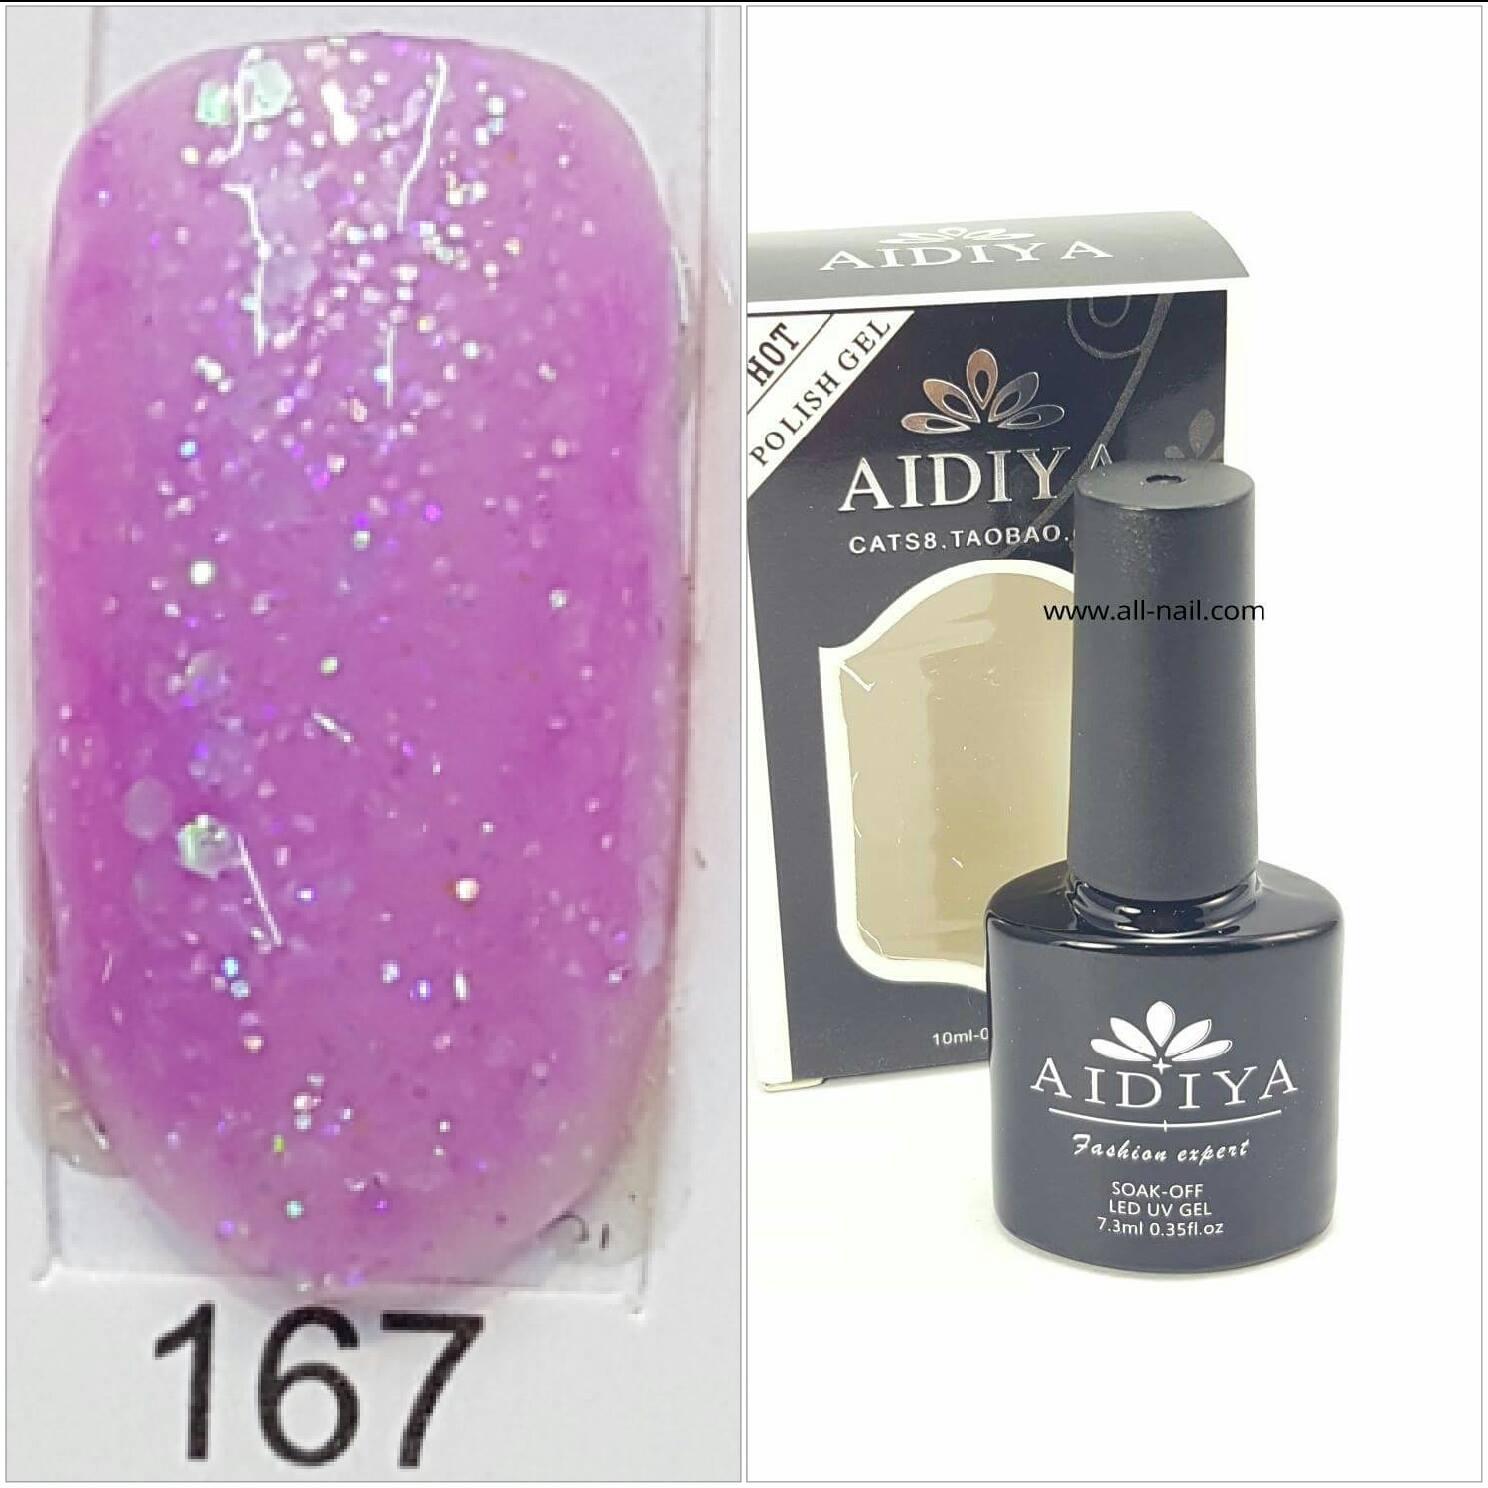 สีเจลทาเล็บ AIDIYA #167